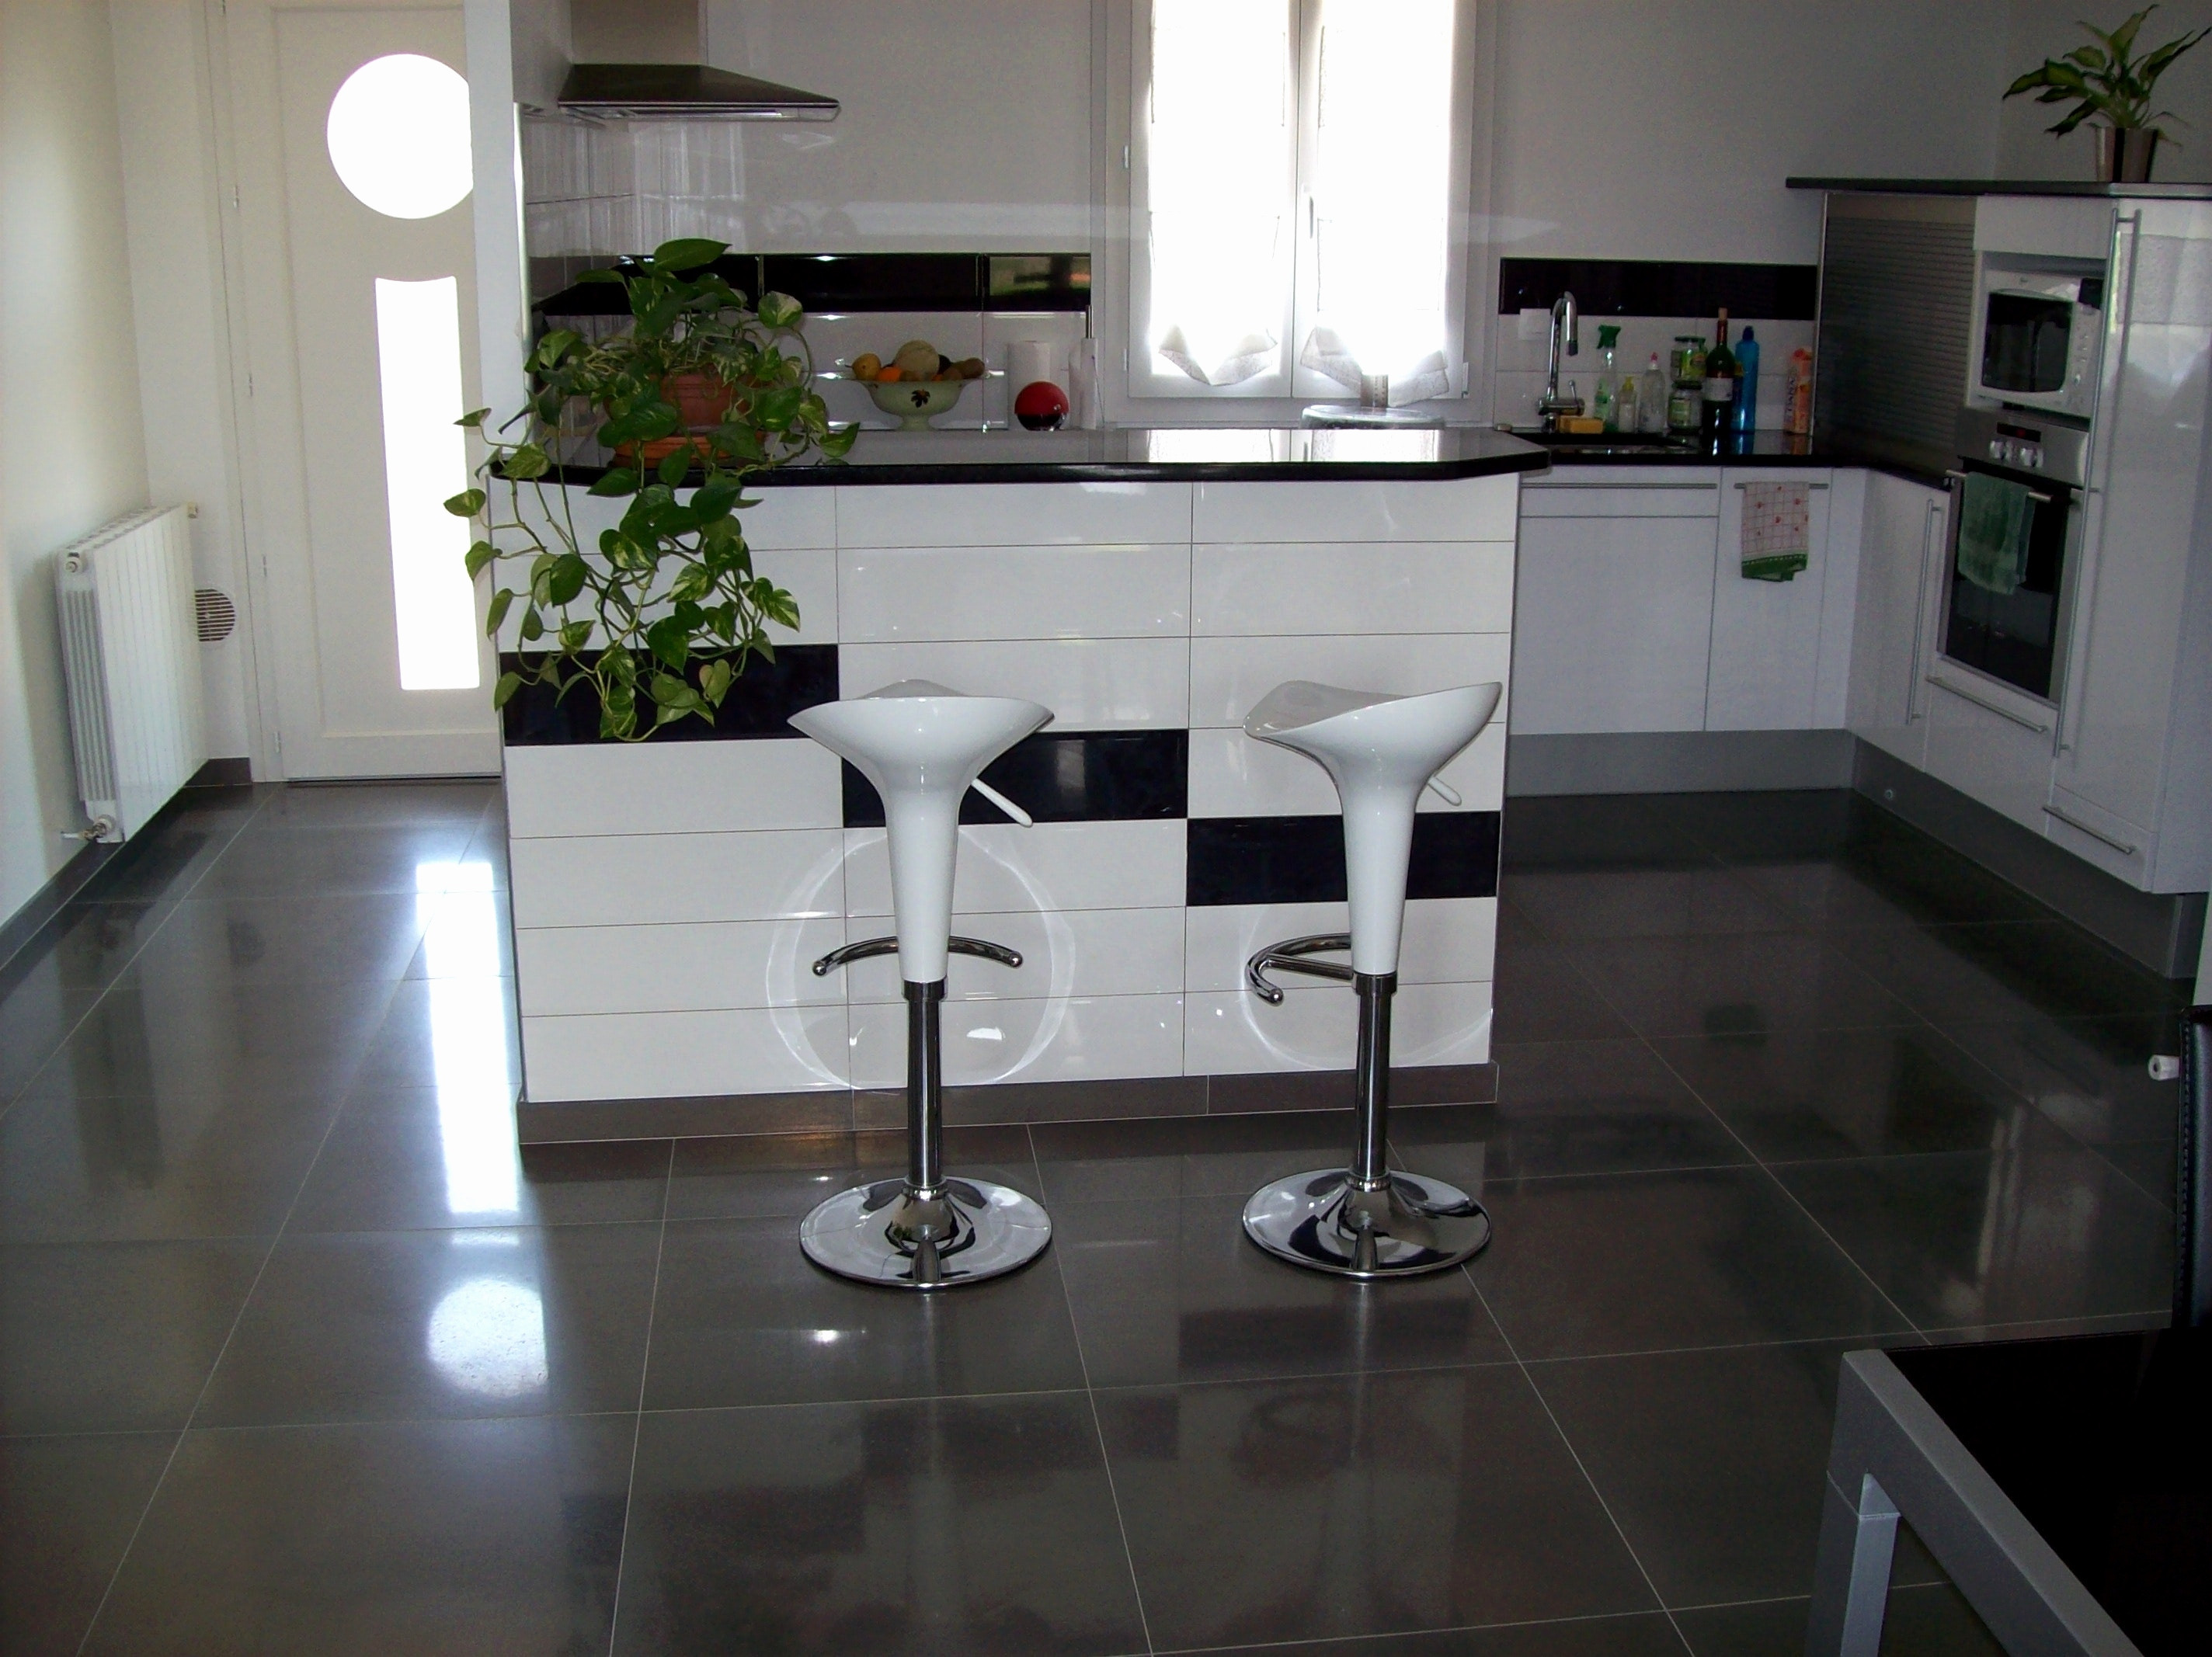 Casto 3d Salle De Bain Gratuit Luxe Collection Castorama Cuisine 3d Beautiful 19 Beau Cuisine but 3d